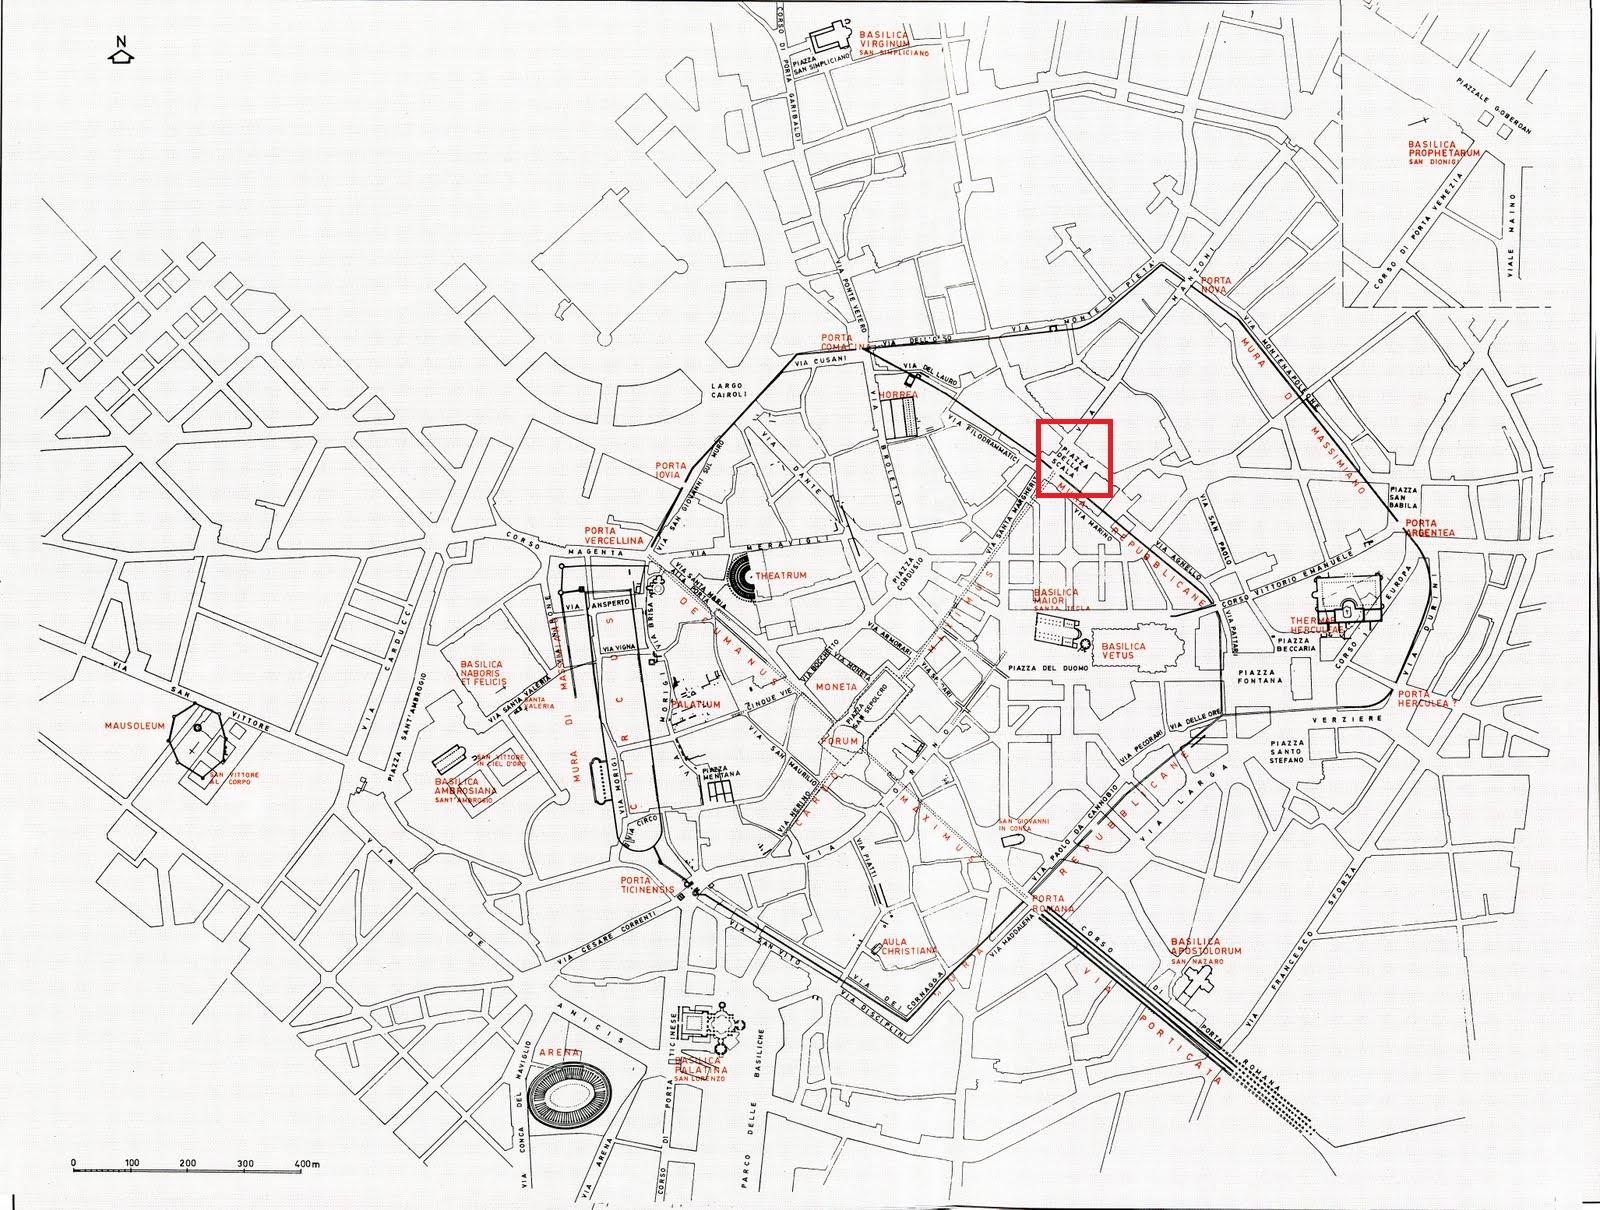 Milano romana: Piazza della Scala (nel riquadro rosso) risulterà nuovo punto di cerniera tra la più vecchia Mediolanum e la nuova città